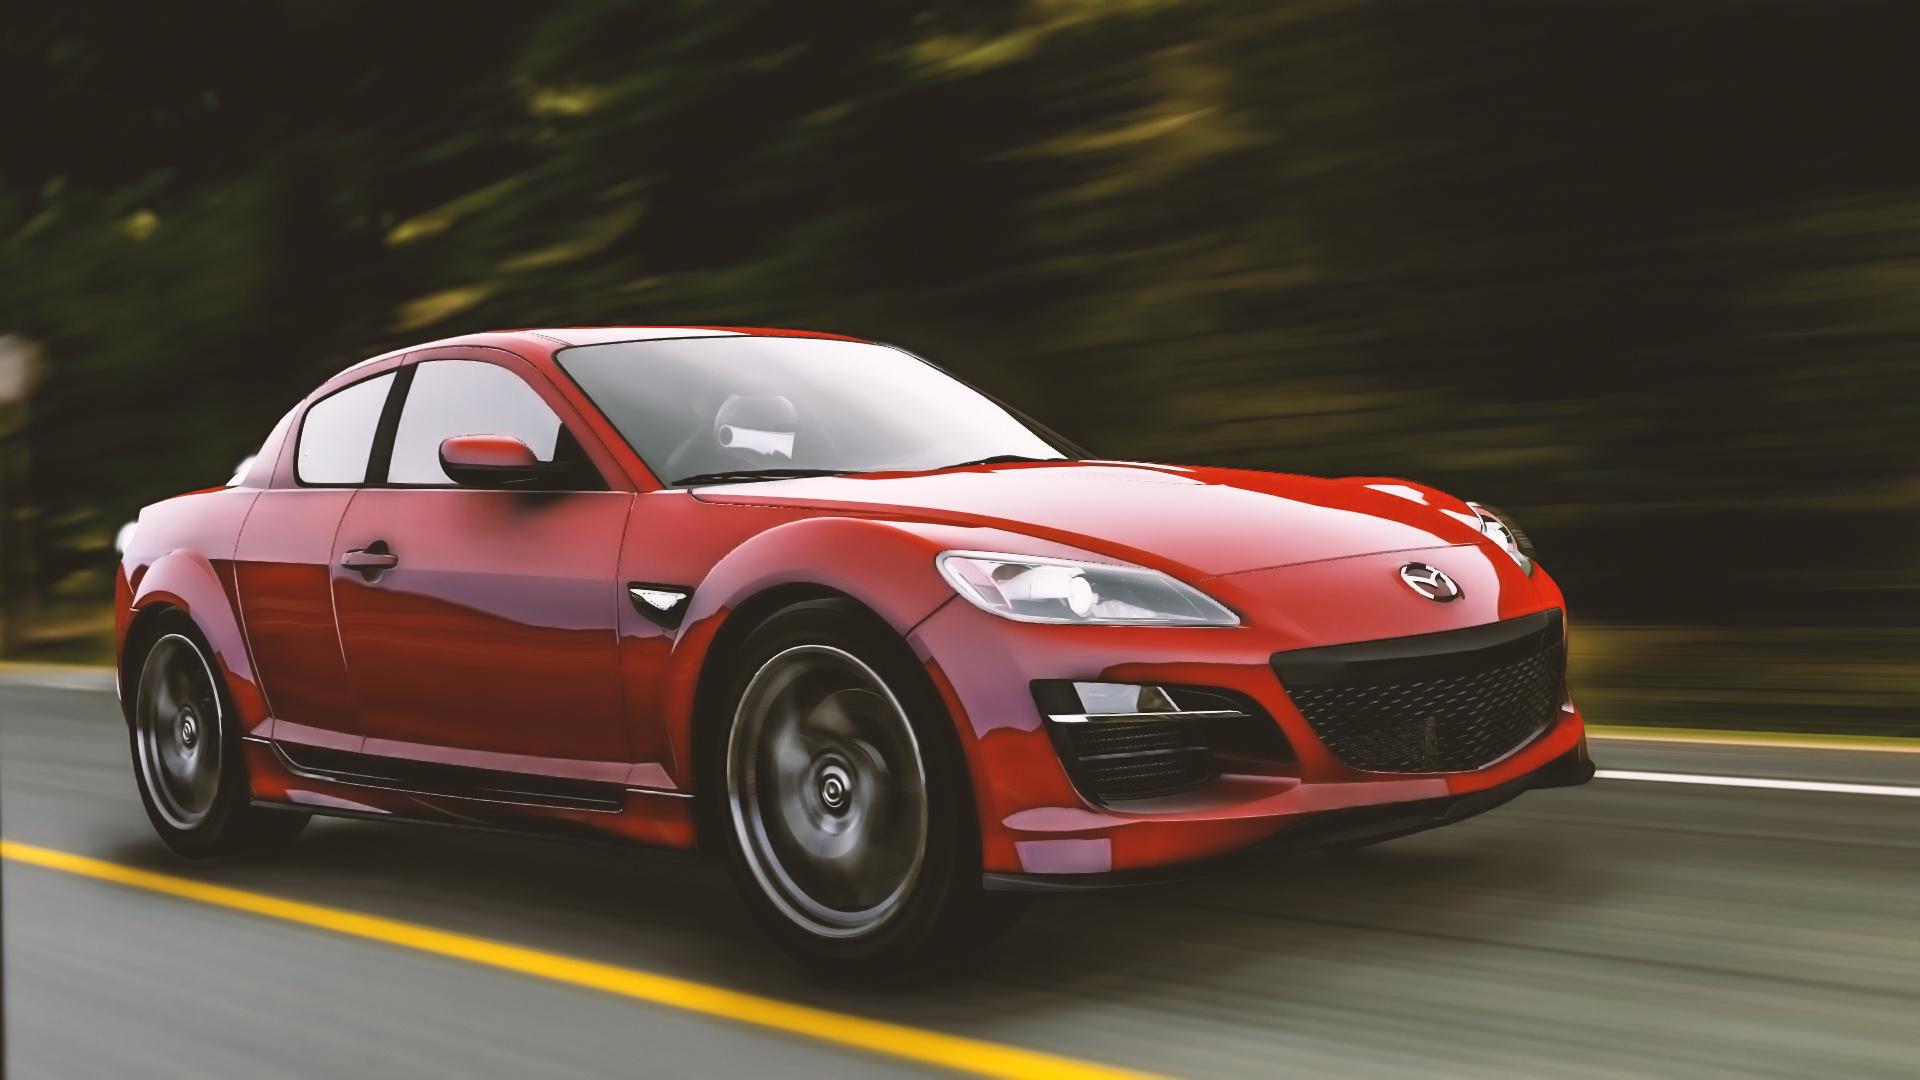 Kekurangan Mazda R3 Review